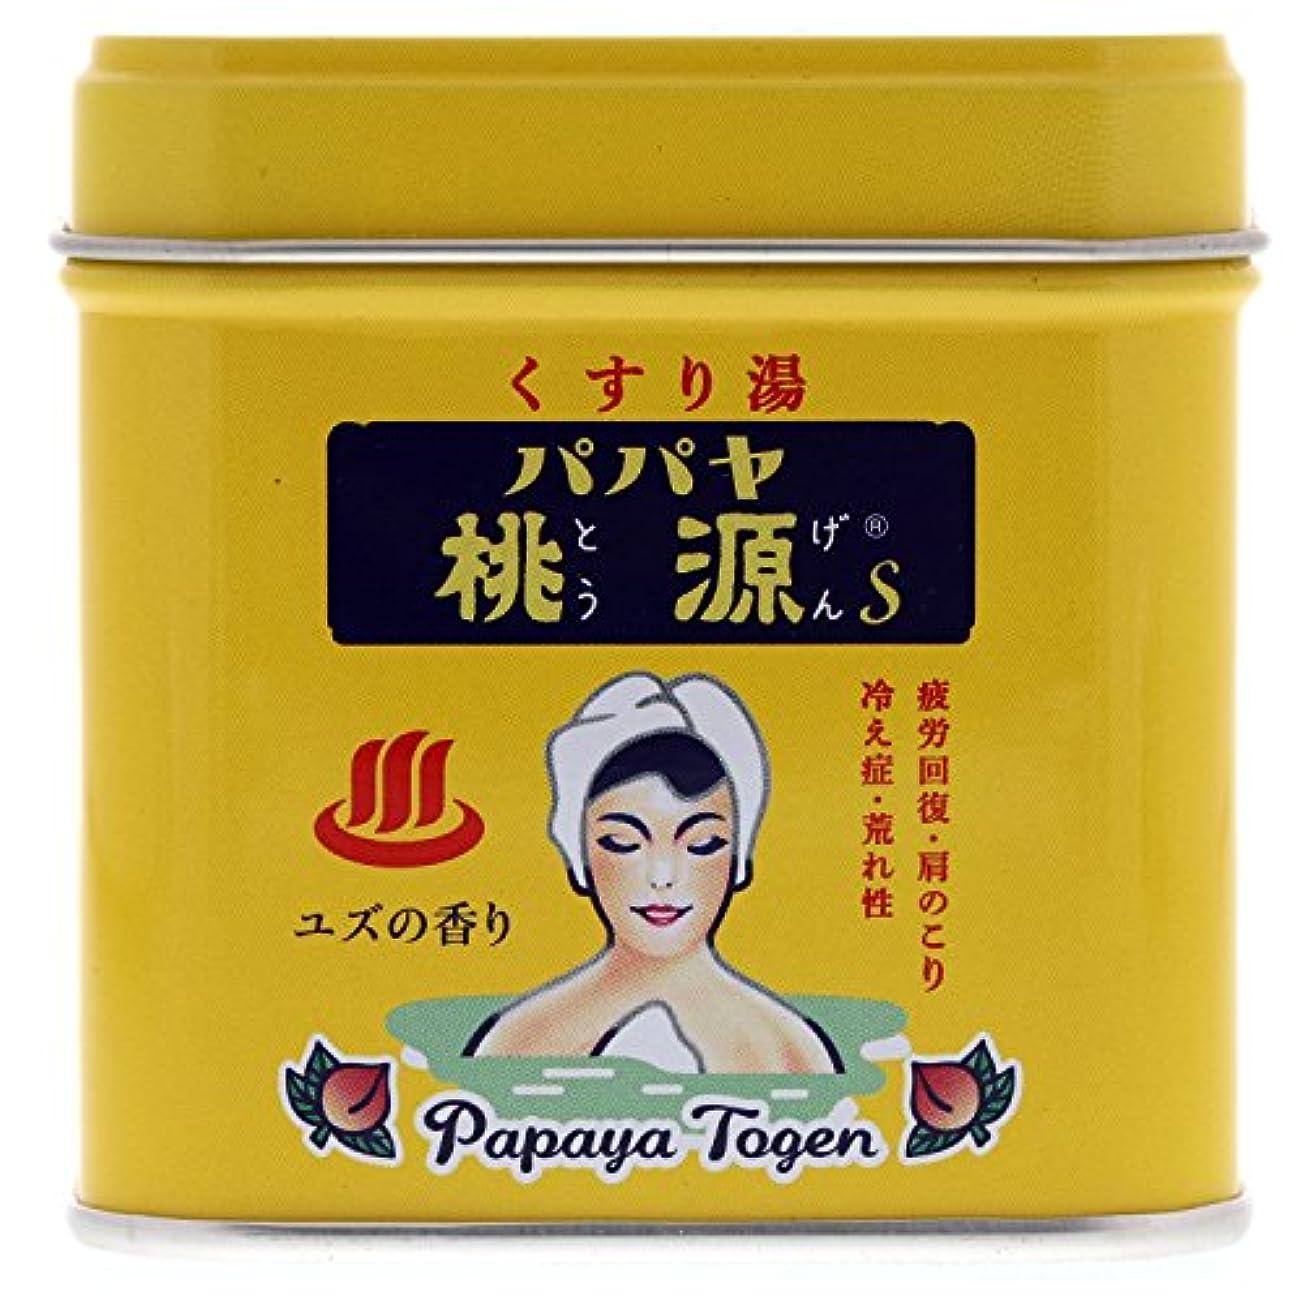 手つかずの状岸パパヤ桃源S 70g缶 ユズの香り [医薬部外品]